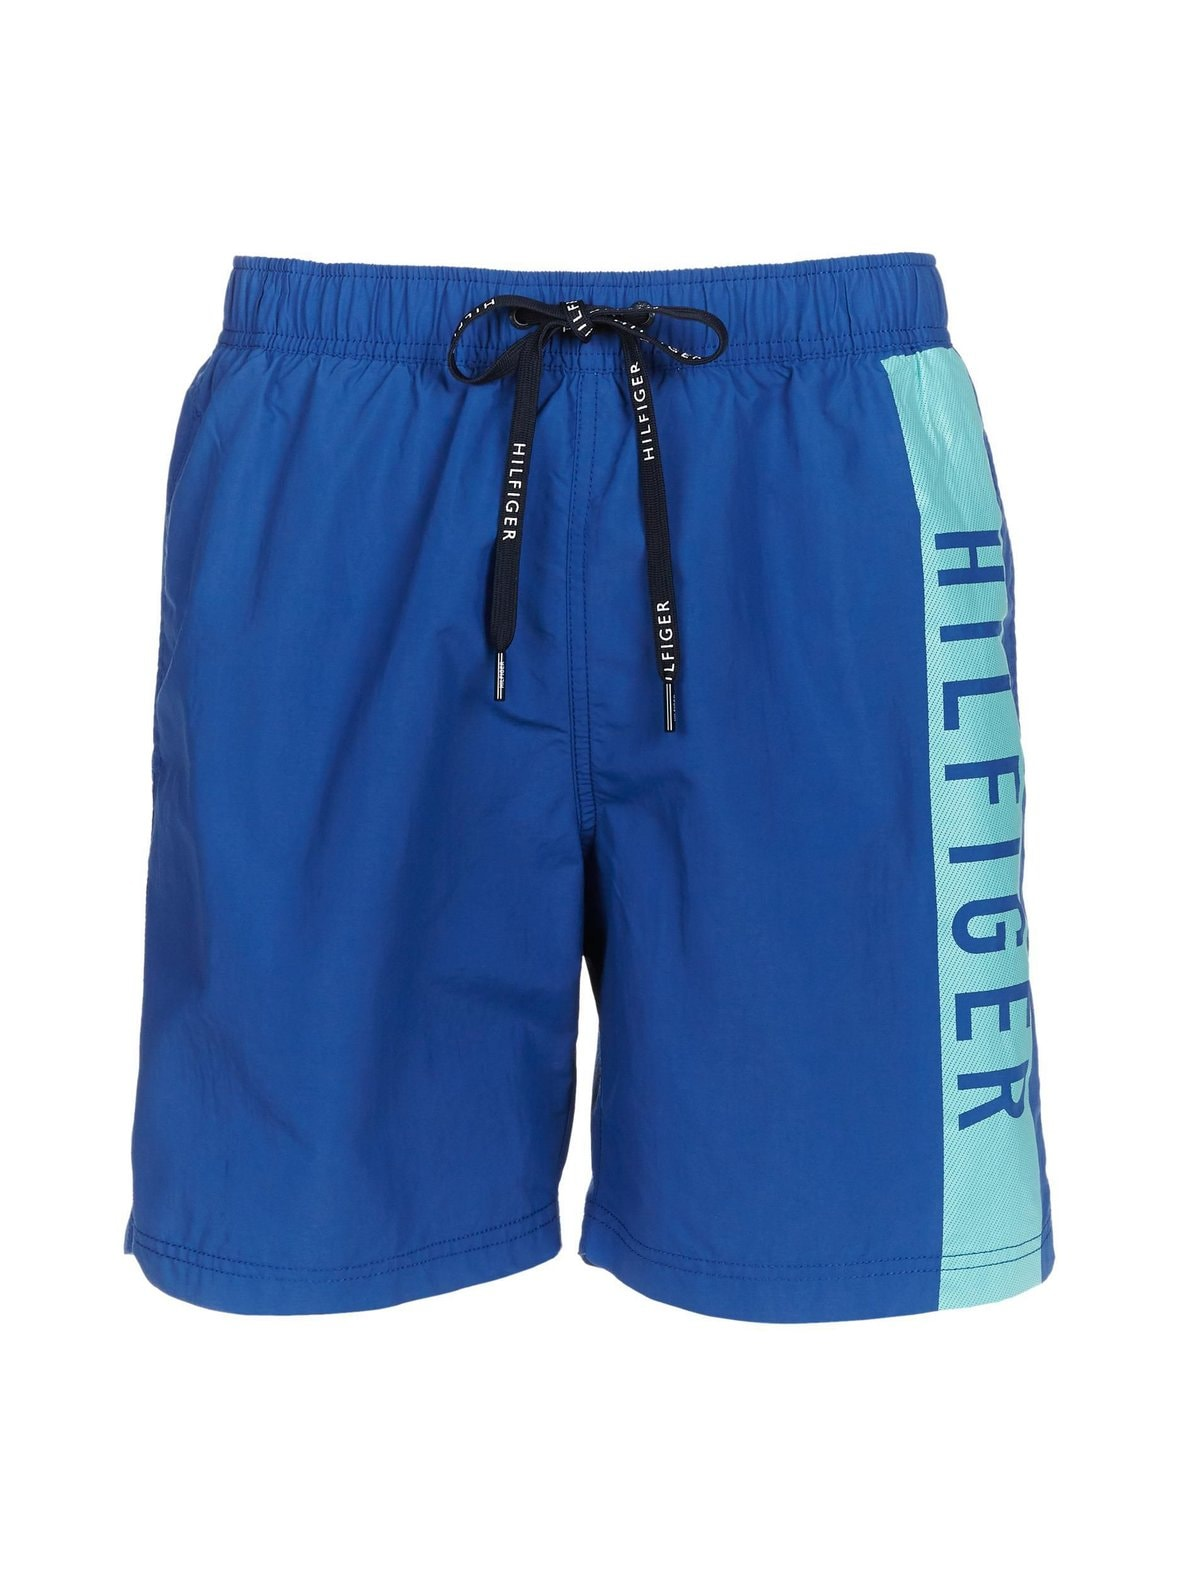 True Blue (sininen) Tommy Hilfiger Uimashortsit  019c0915d3